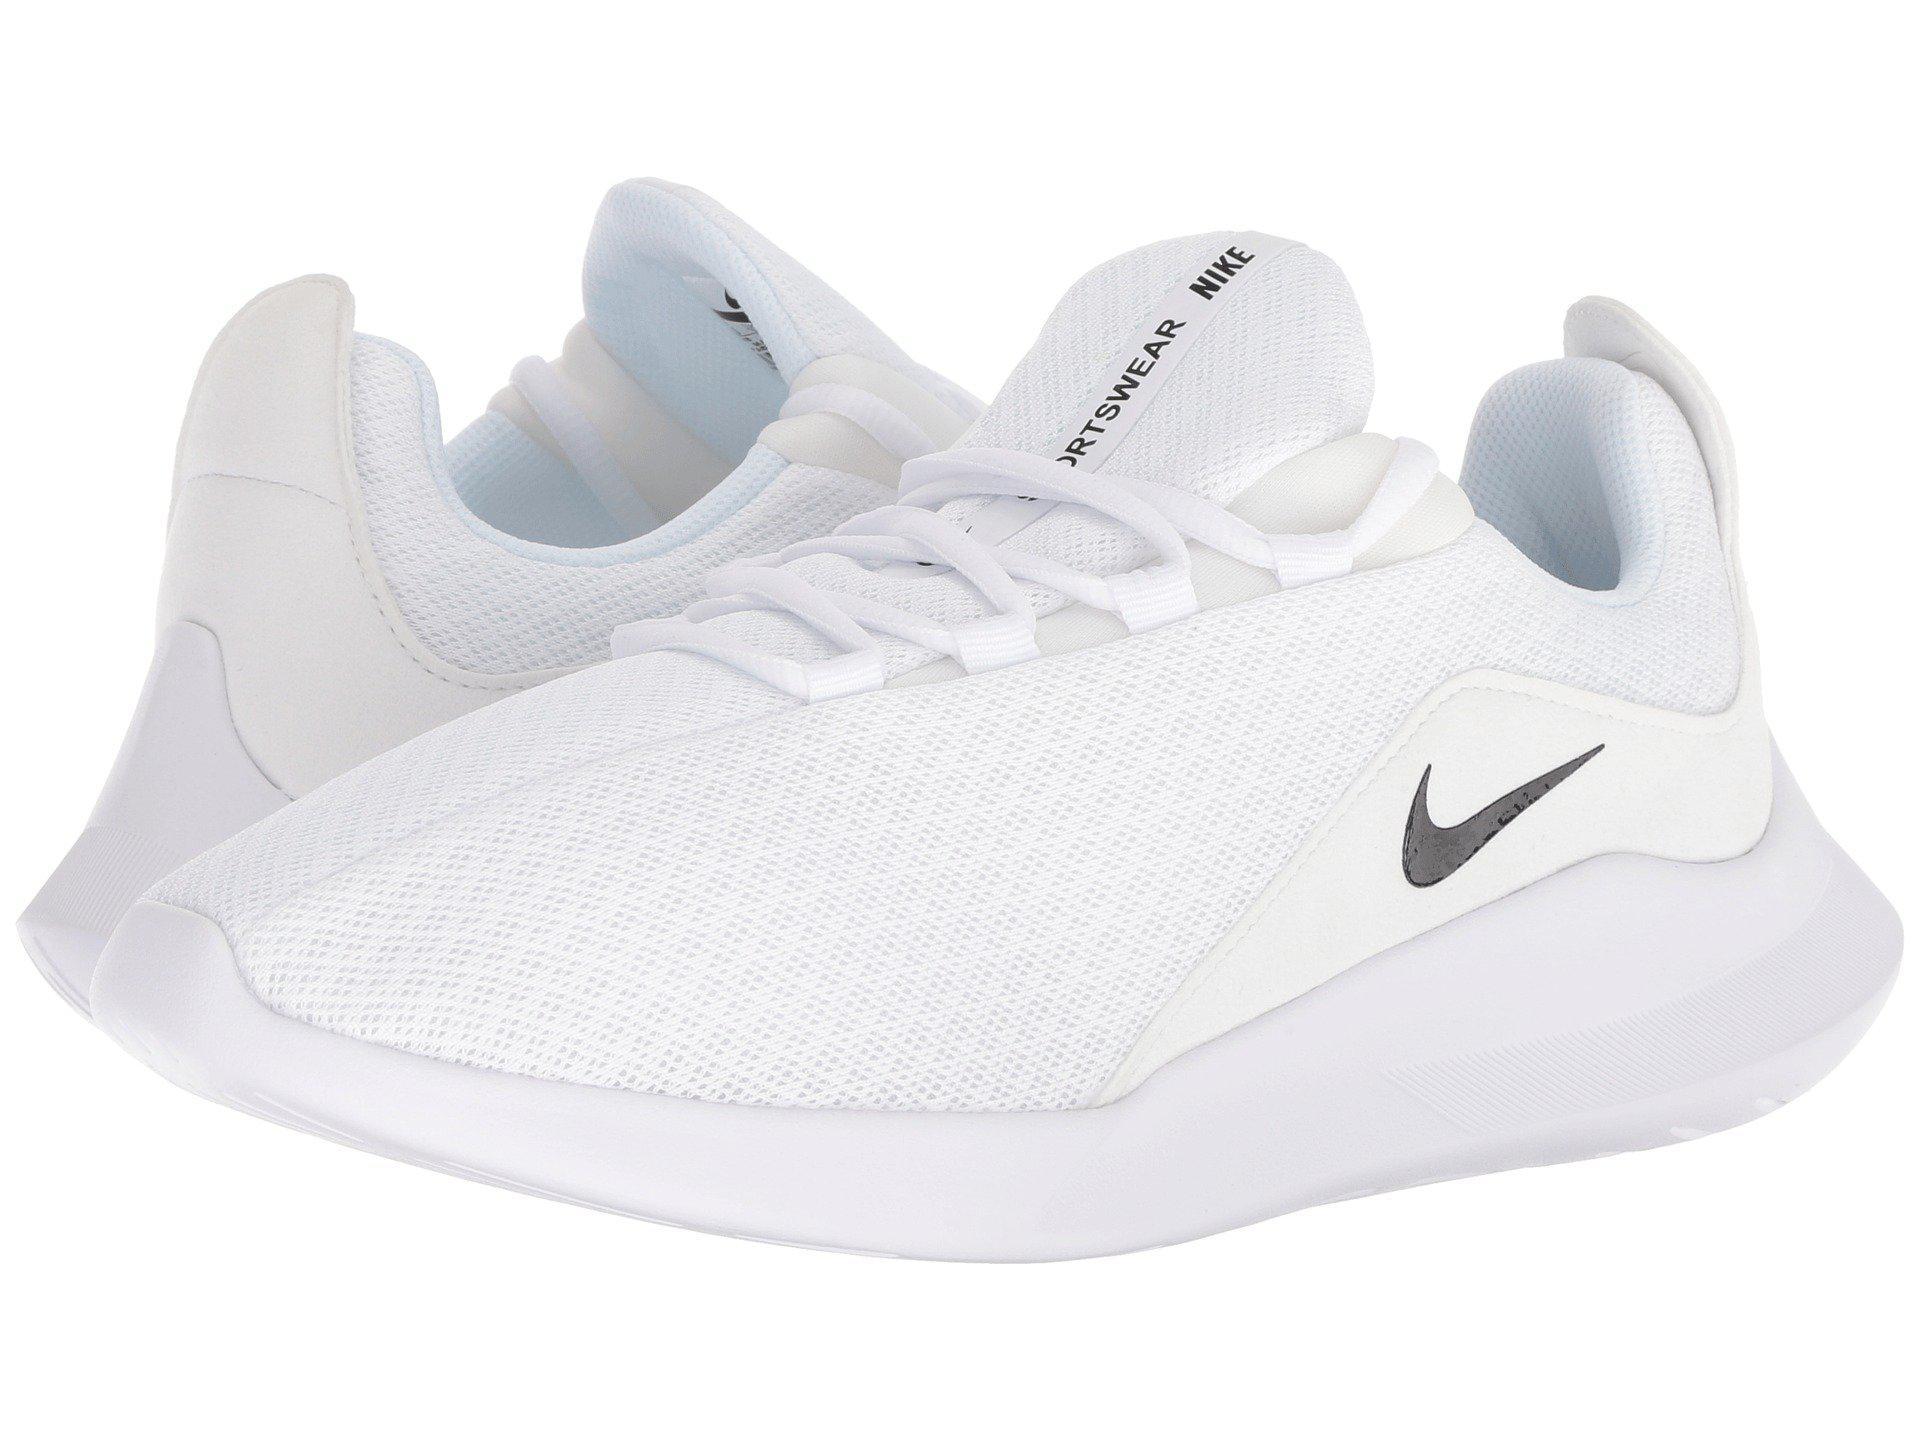 91f8583d7bb Lyst - Nike Viale (black black) Men s Shoes in White for Men